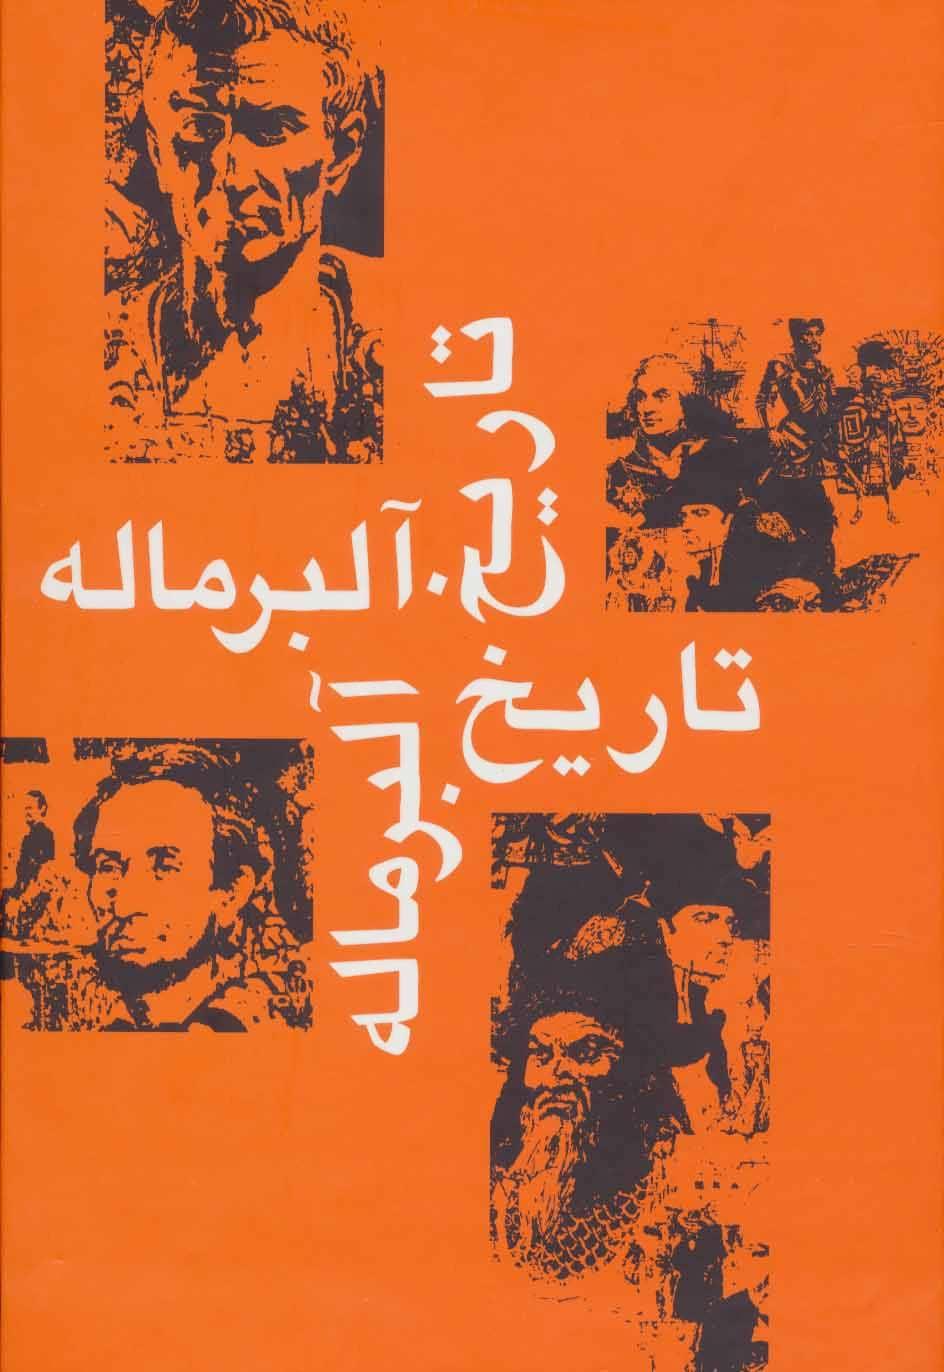 کتاب تاریخ آلبر ماله